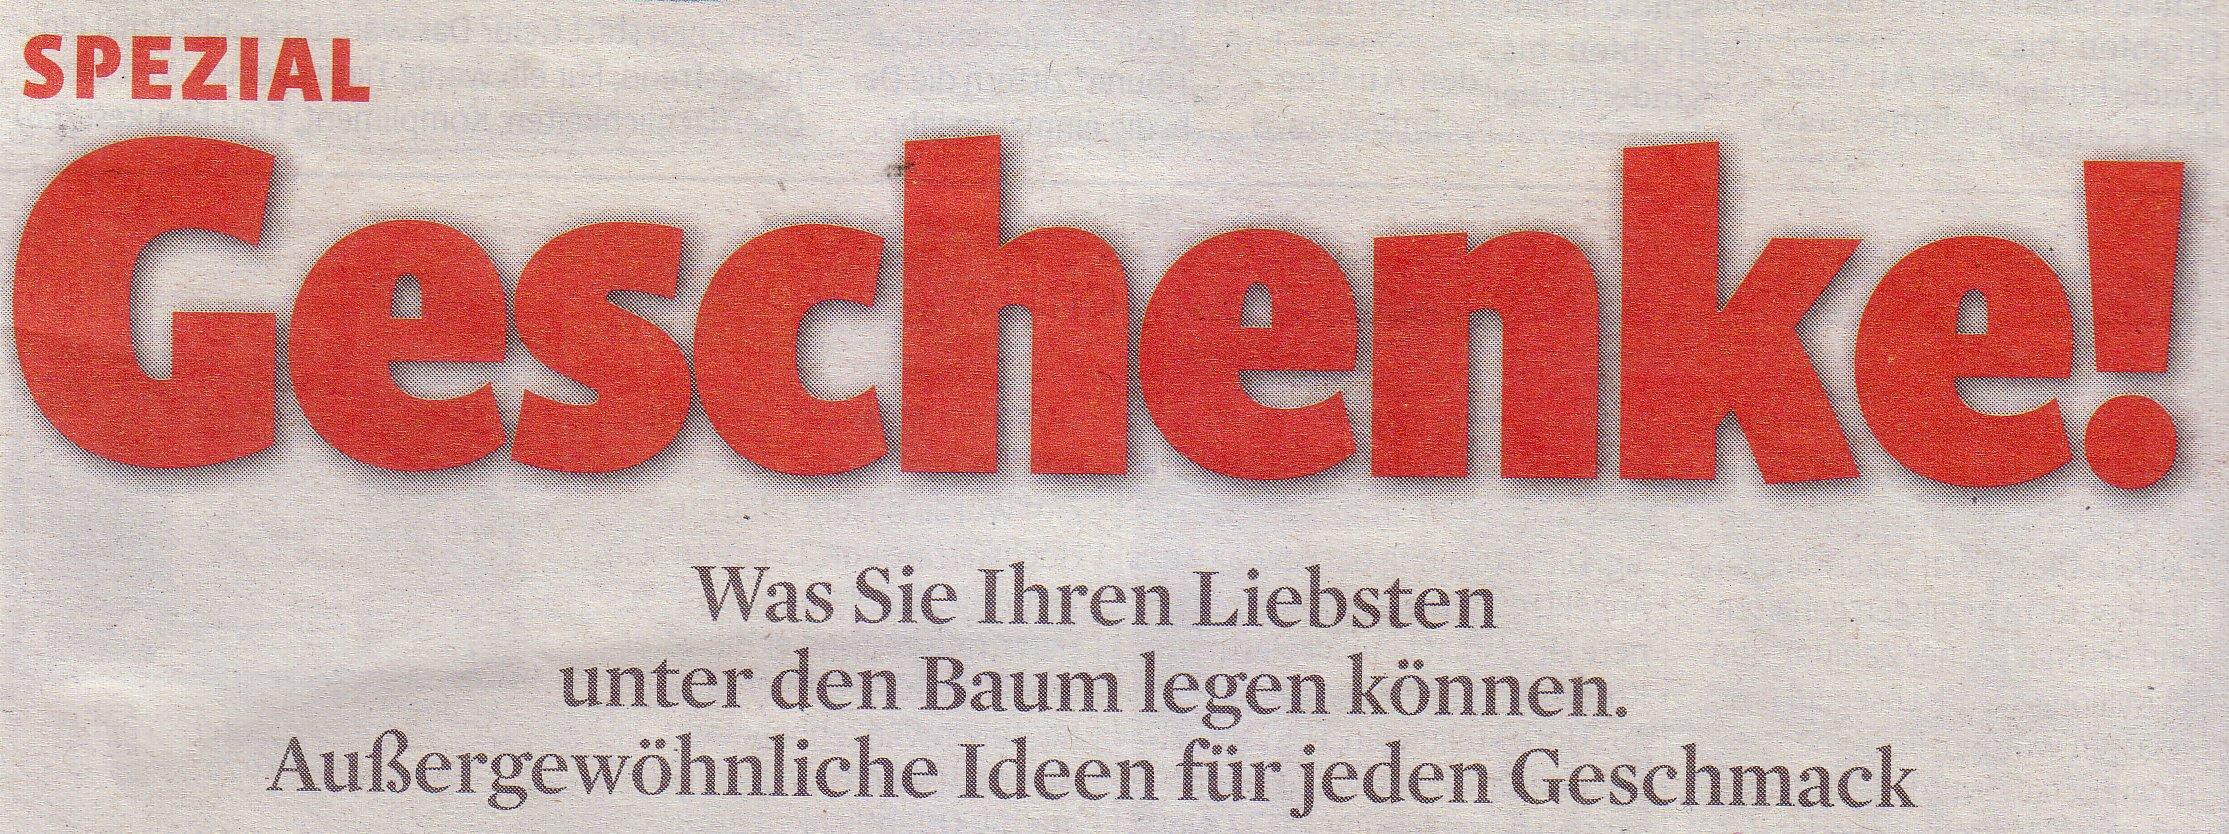 Kölner Stadt-Anzeiger Magazin, 28.11.09